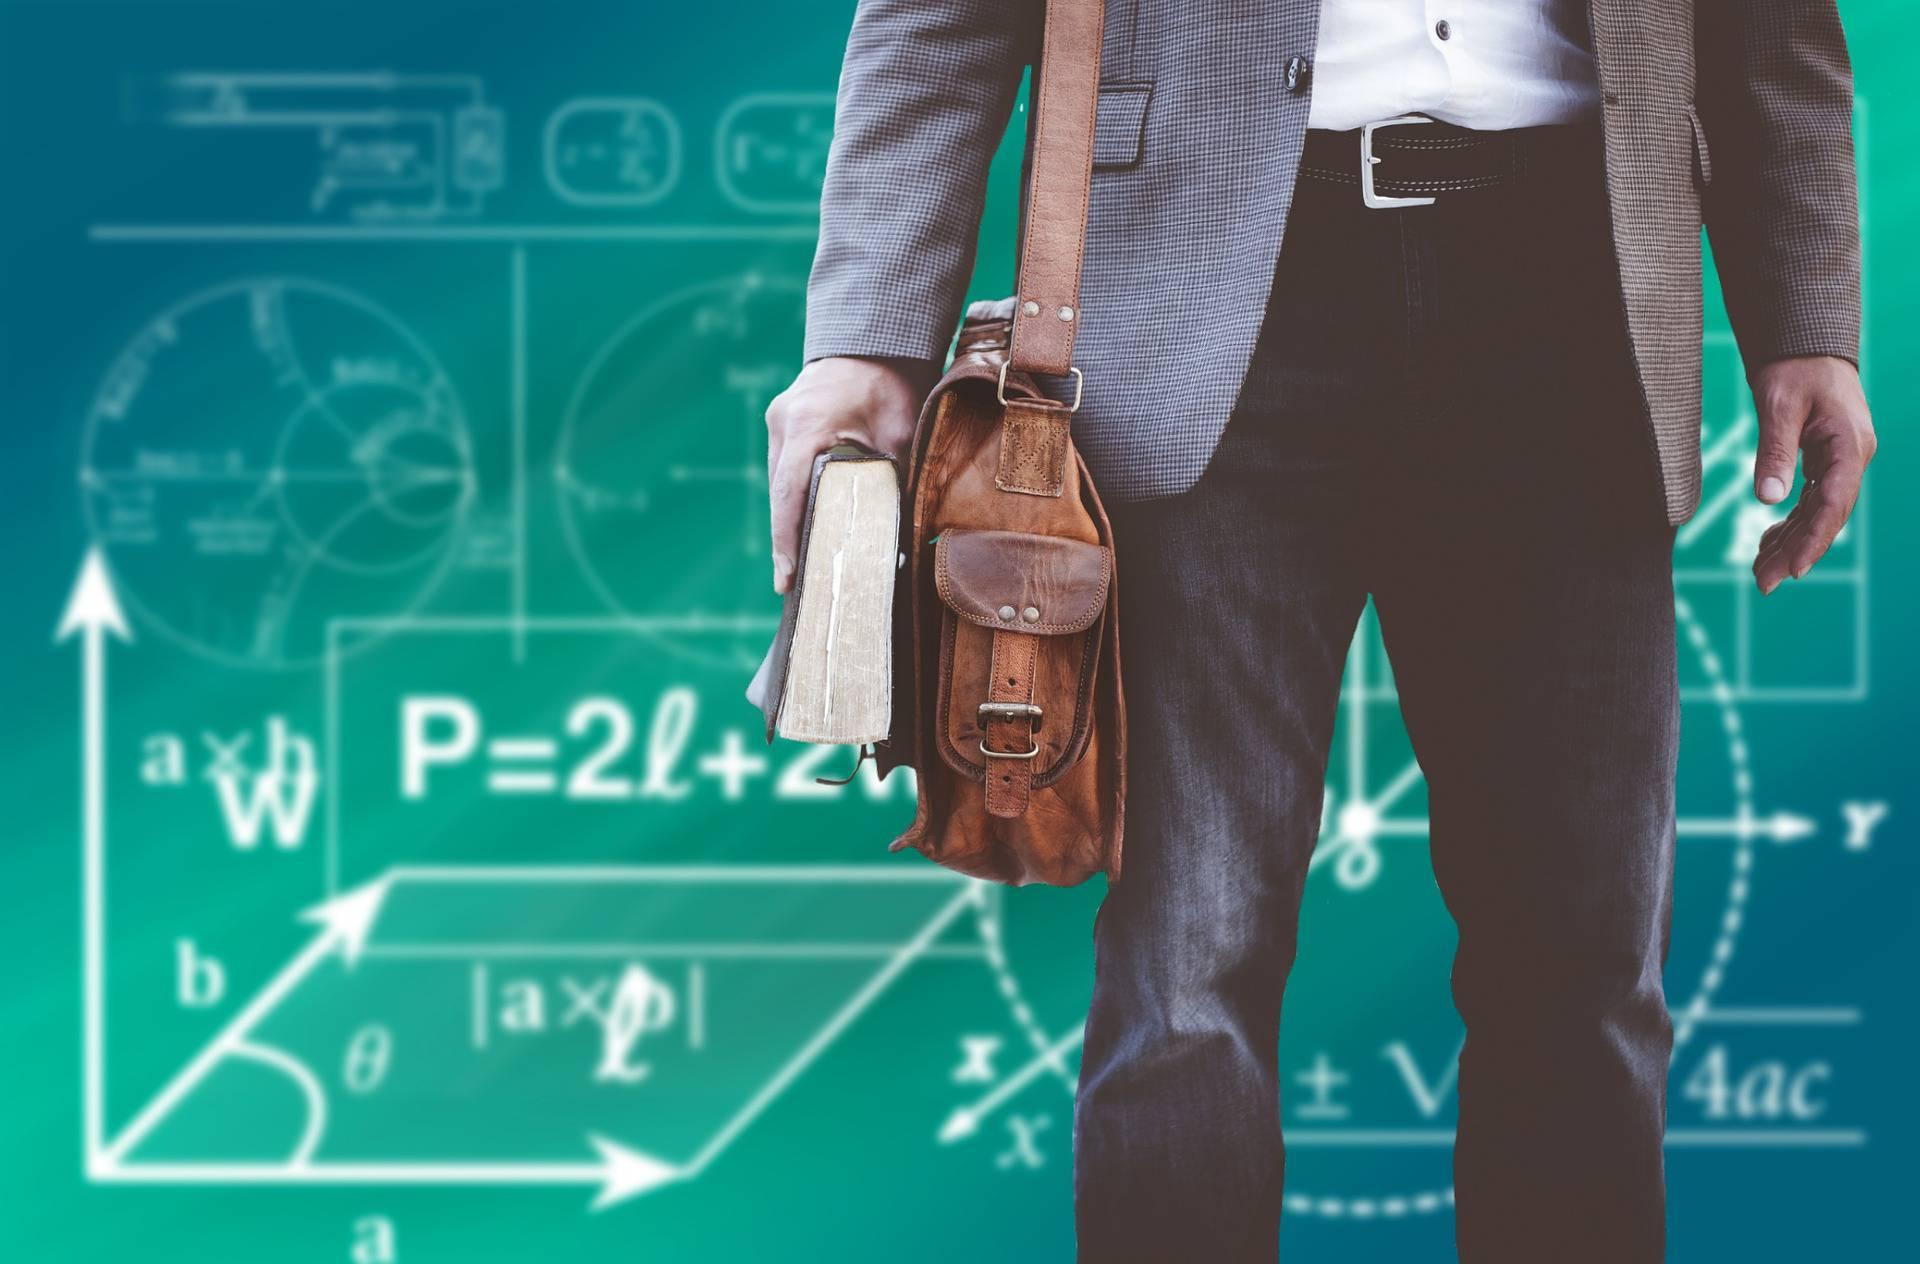 Bist du ein ENFJ Persönlichkeitstyp (Der Lehrer)